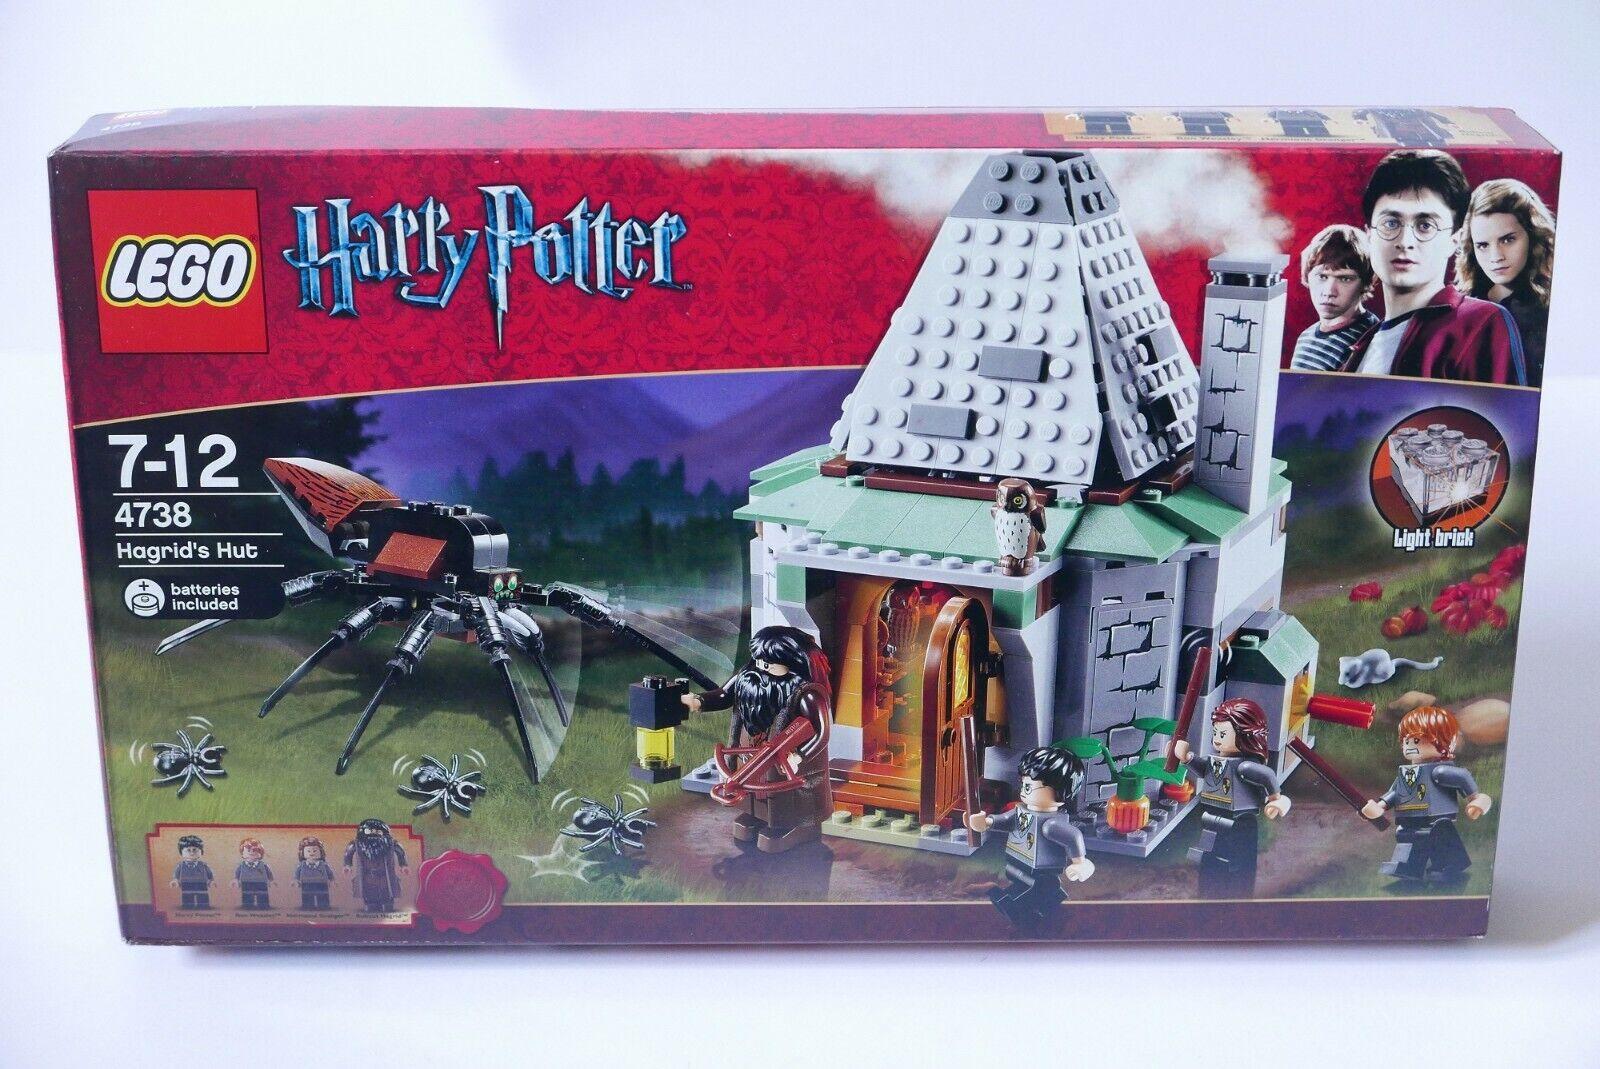 LEGO Harry Potter 4738 Hagrid's Hut (terza edizione) NUOVO RARE Sealed